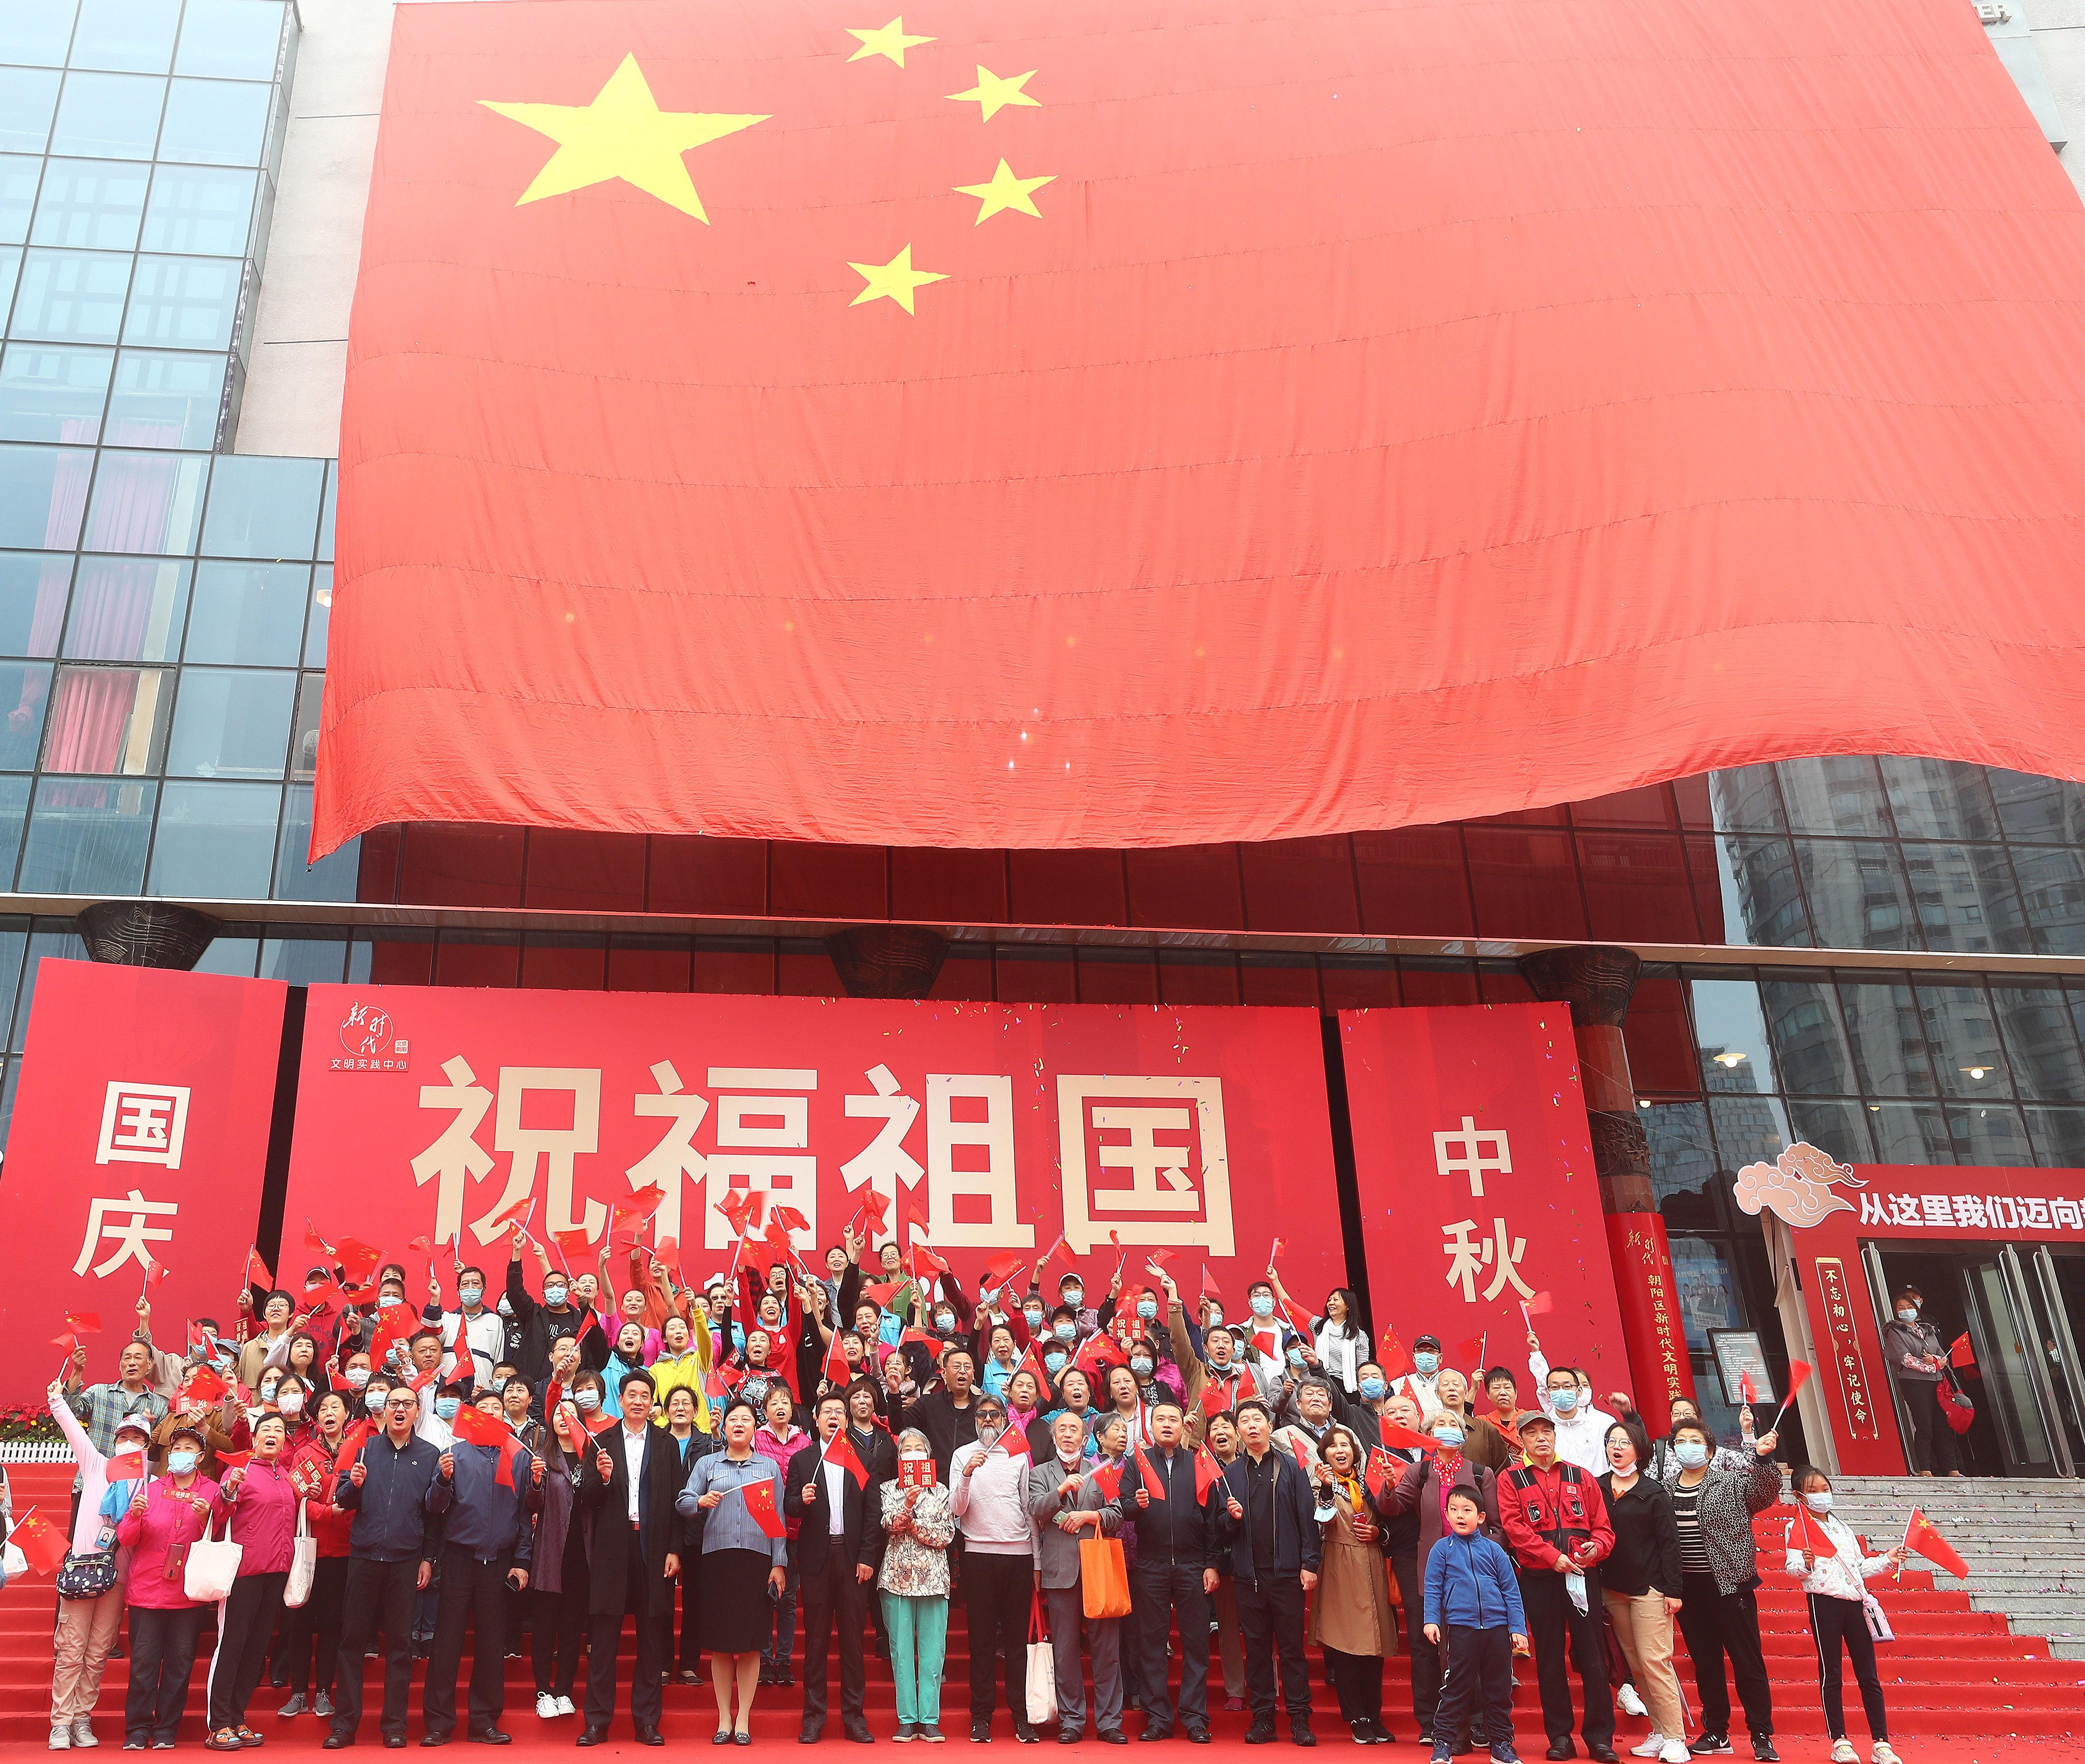 在北京市朝陽區文化館舉辦的國慶專題活動上,嘉賓與國旗合影(10月1日攝)。(新華社)